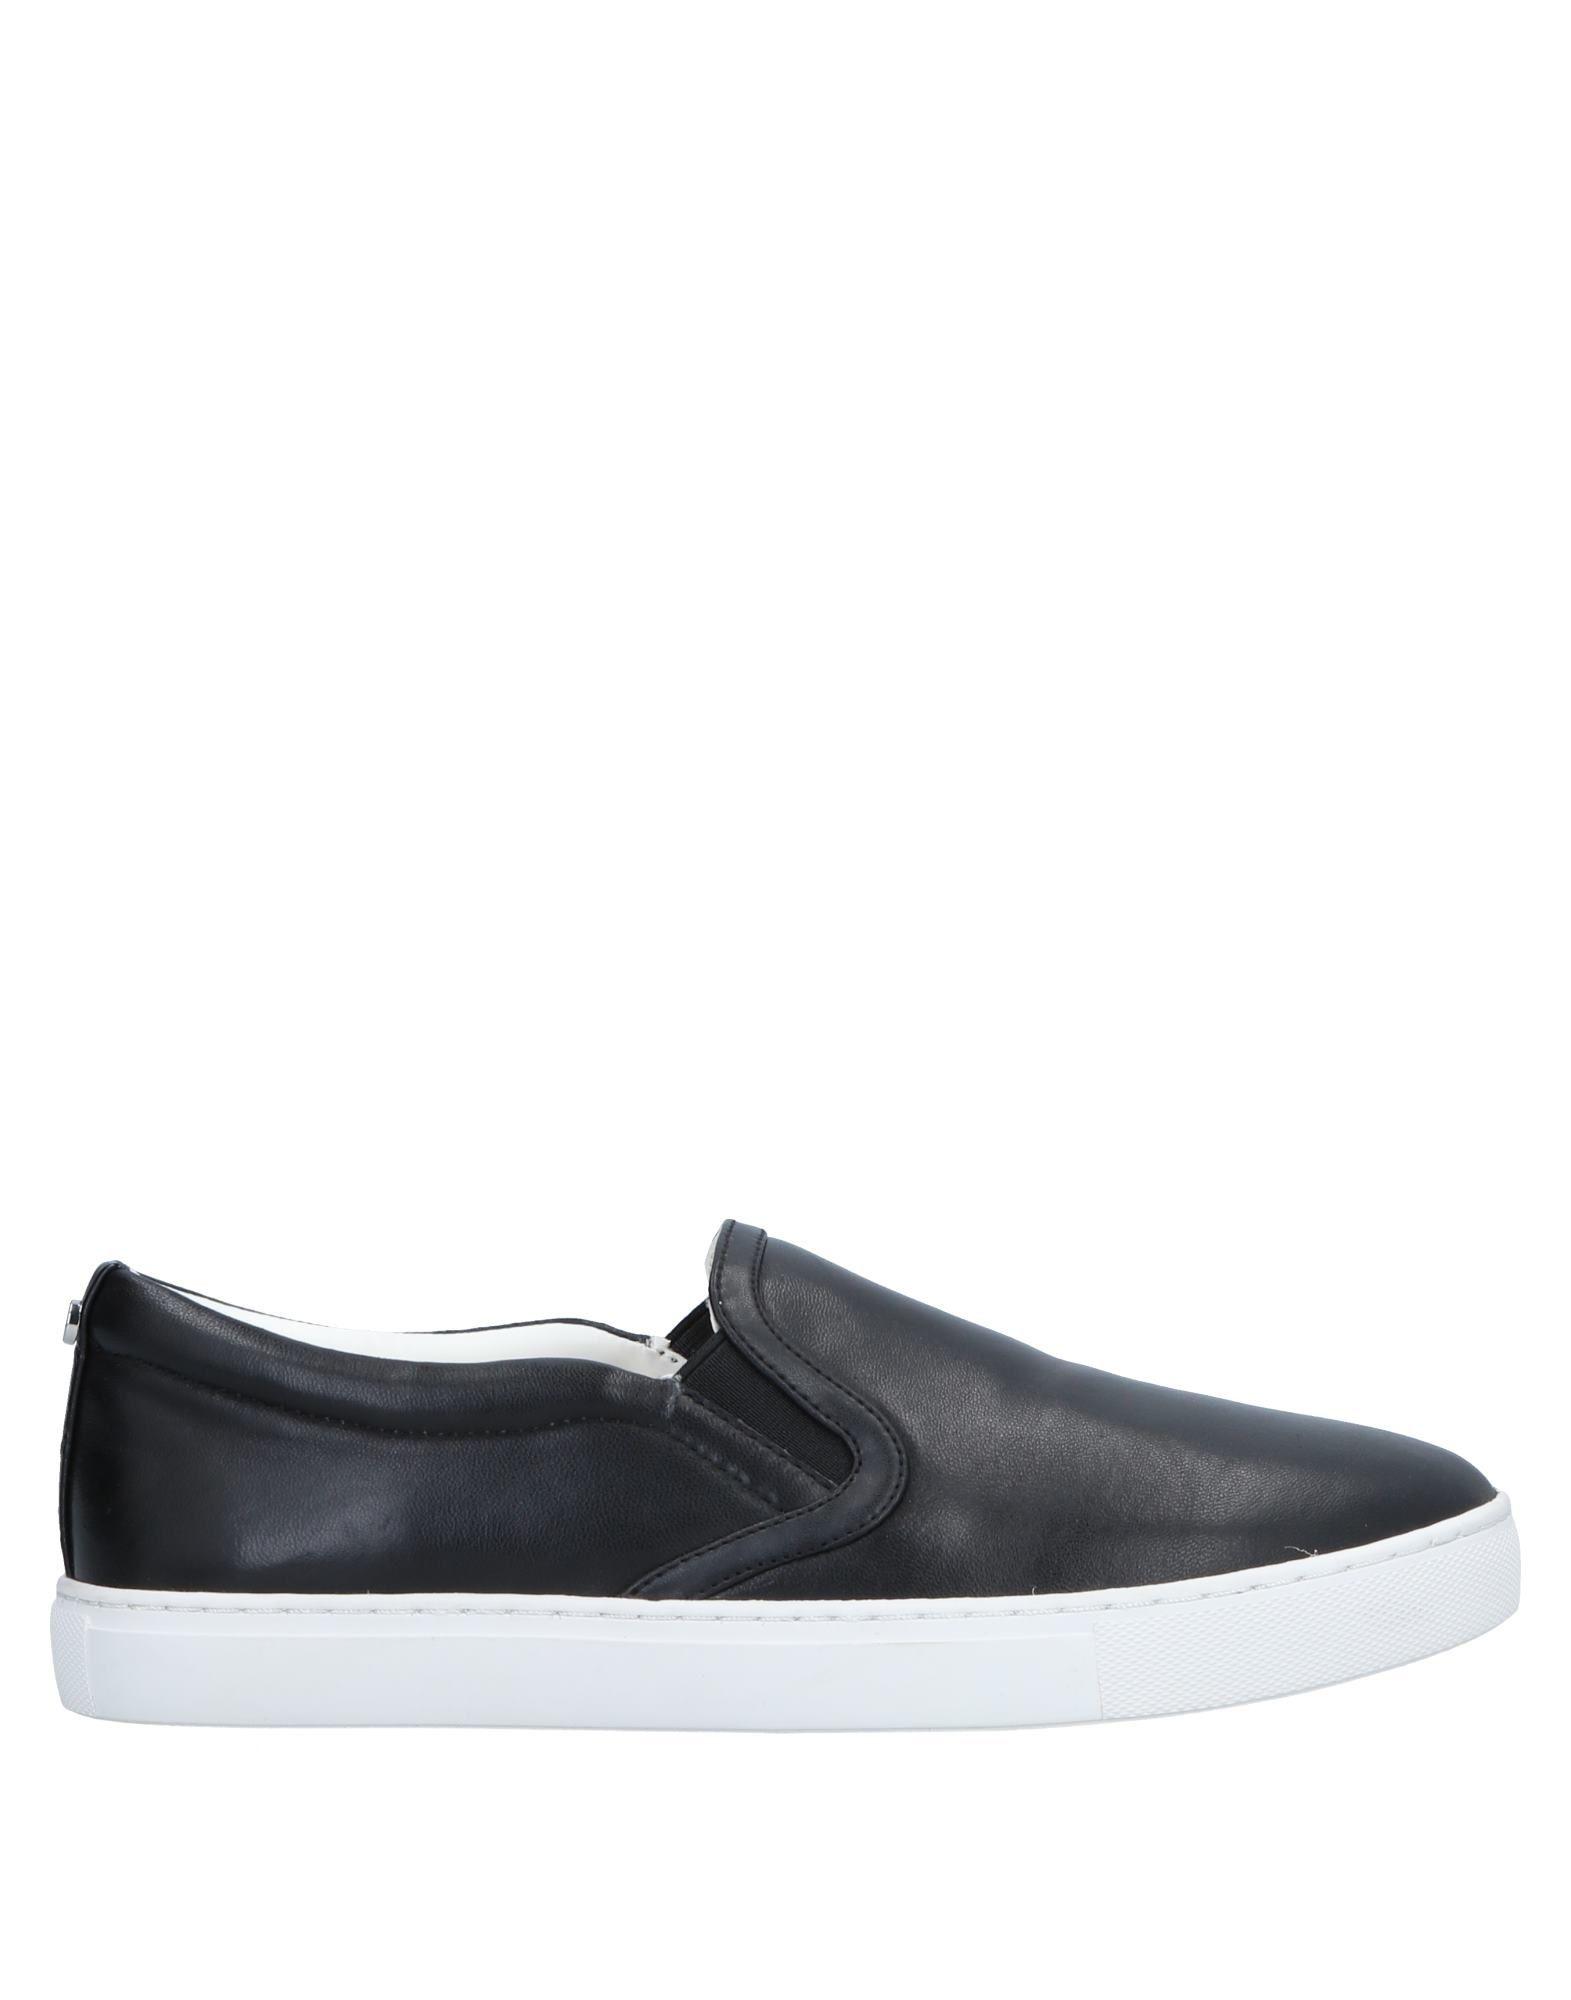 Sam Edelman Gute Sneakers Damen  11516330VF Gute Edelman Qualität beliebte Schuhe 0cedb1